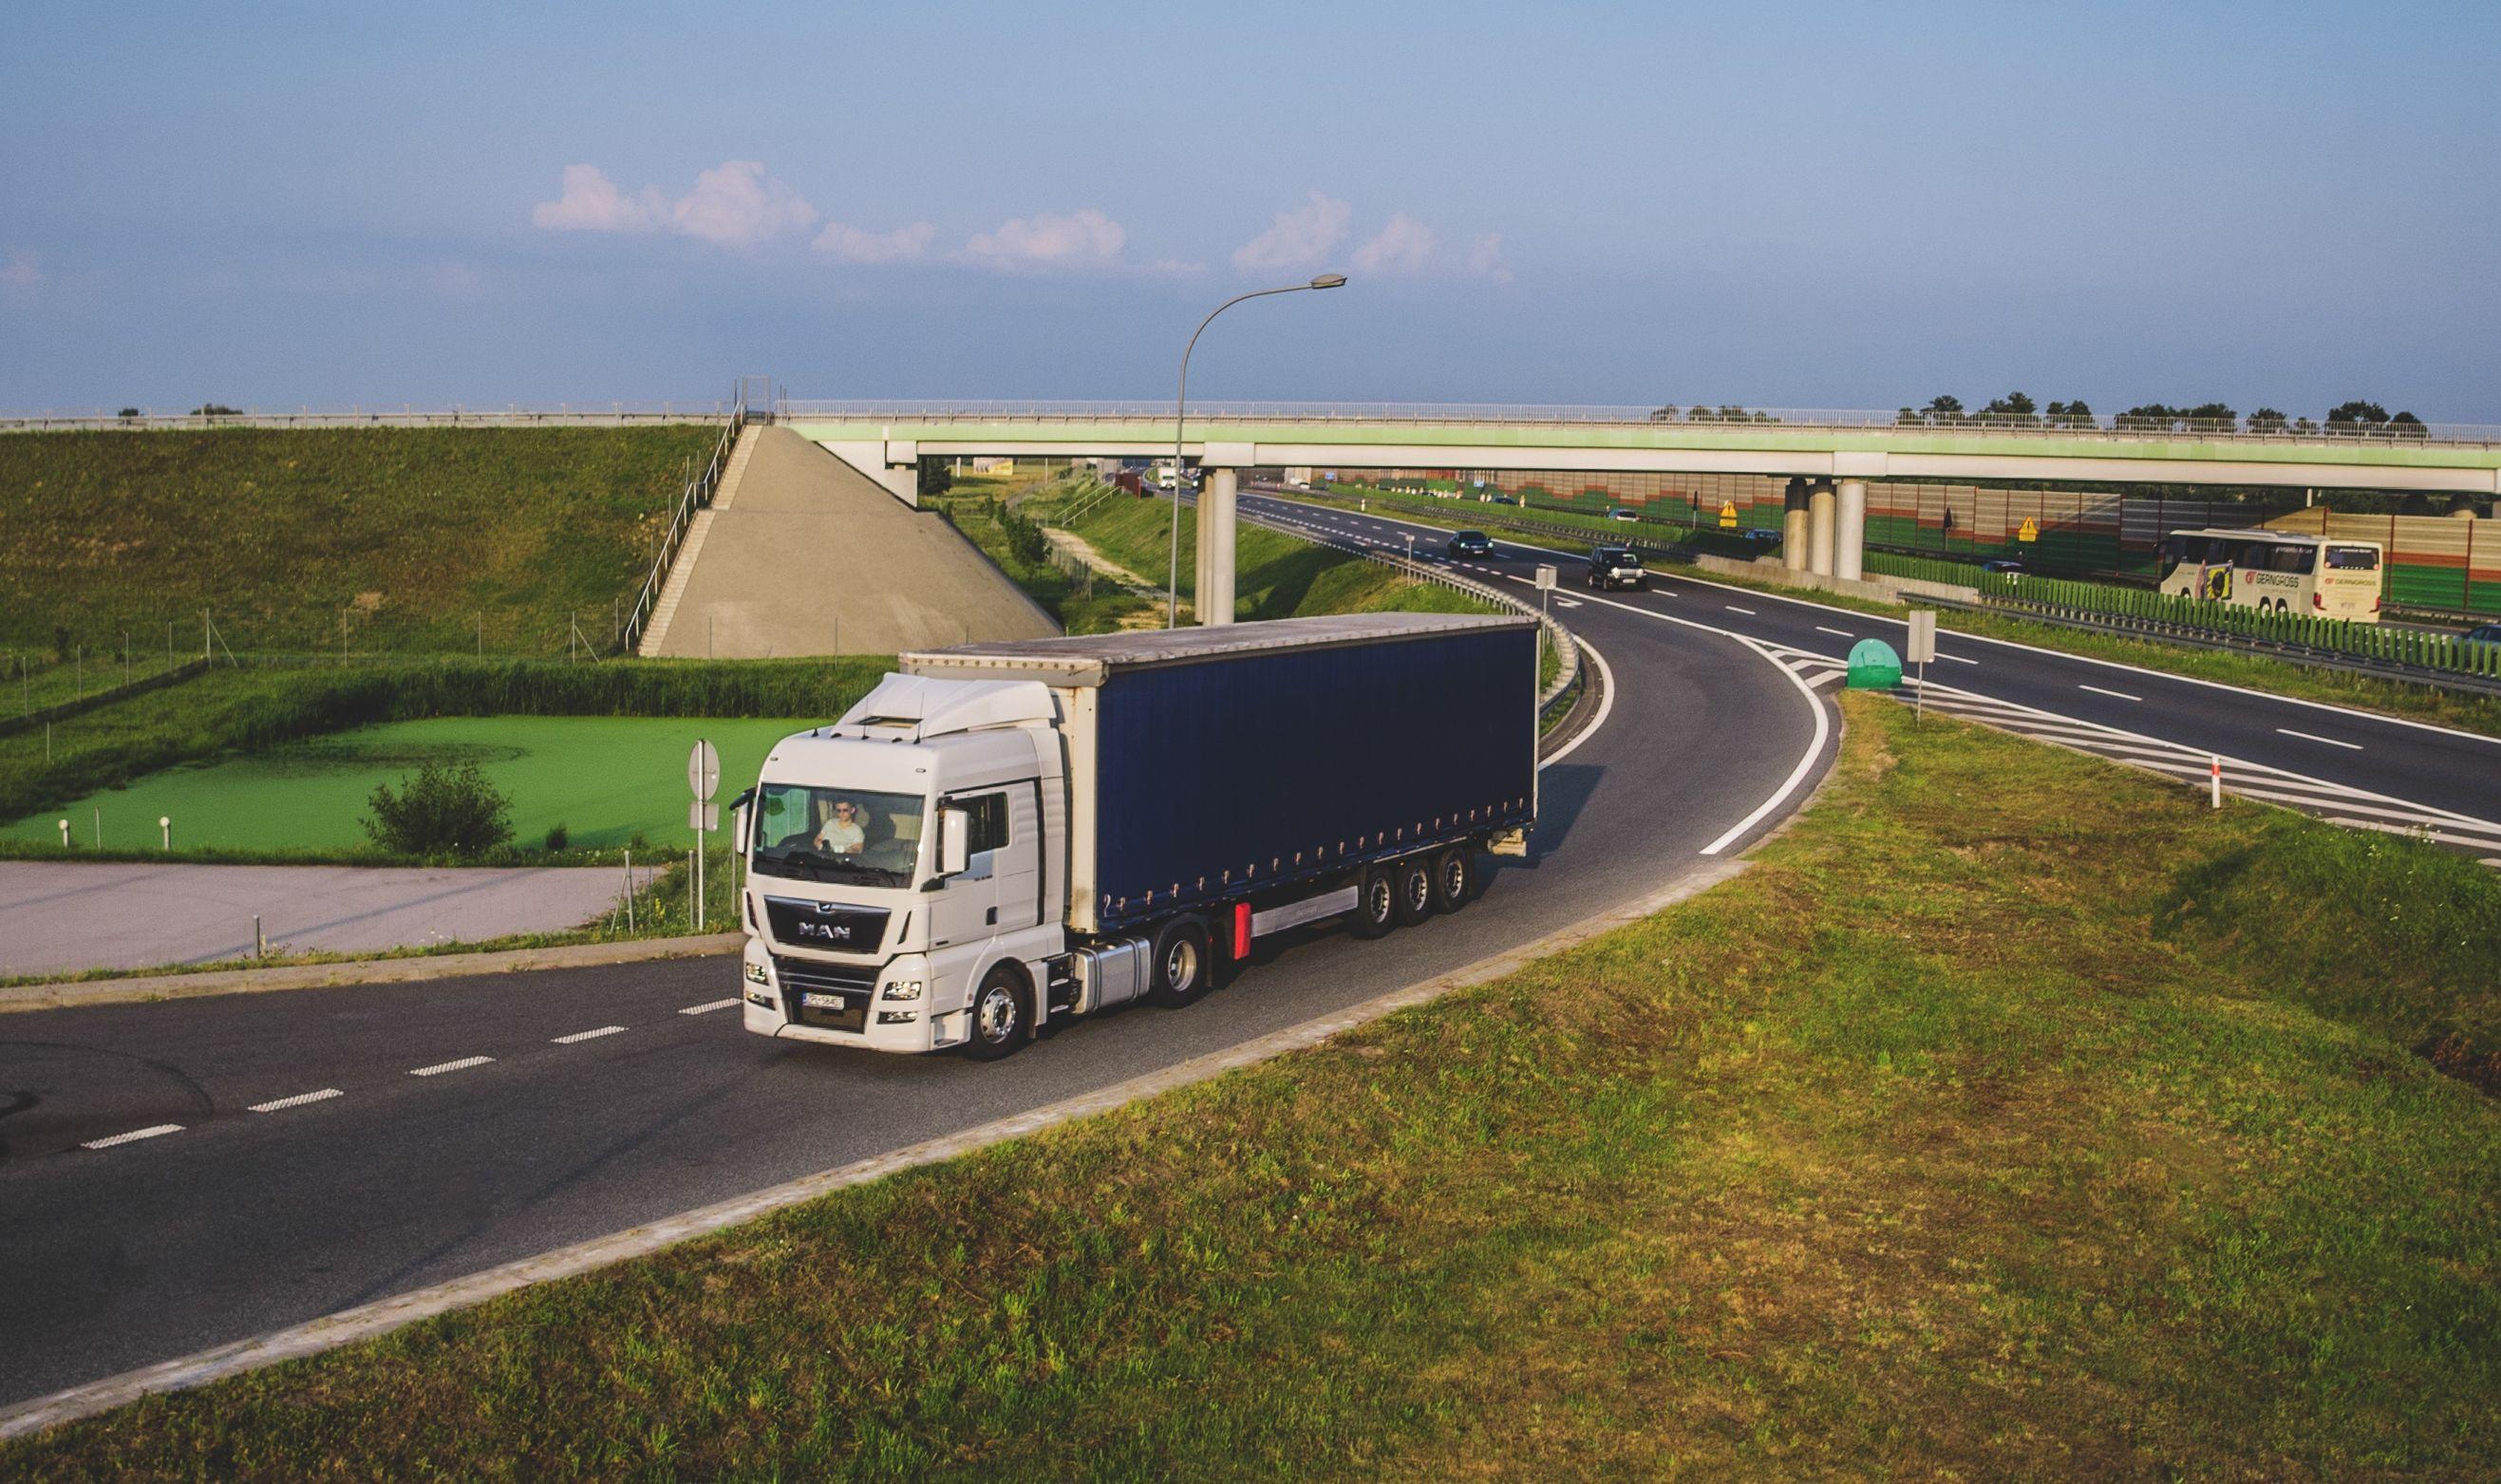 ES prasidėjo žalioji revoliucija. Transportas sunerimo dėl pastangų įpareigoti palankesnius ir tikriausiai brangesnius degalus